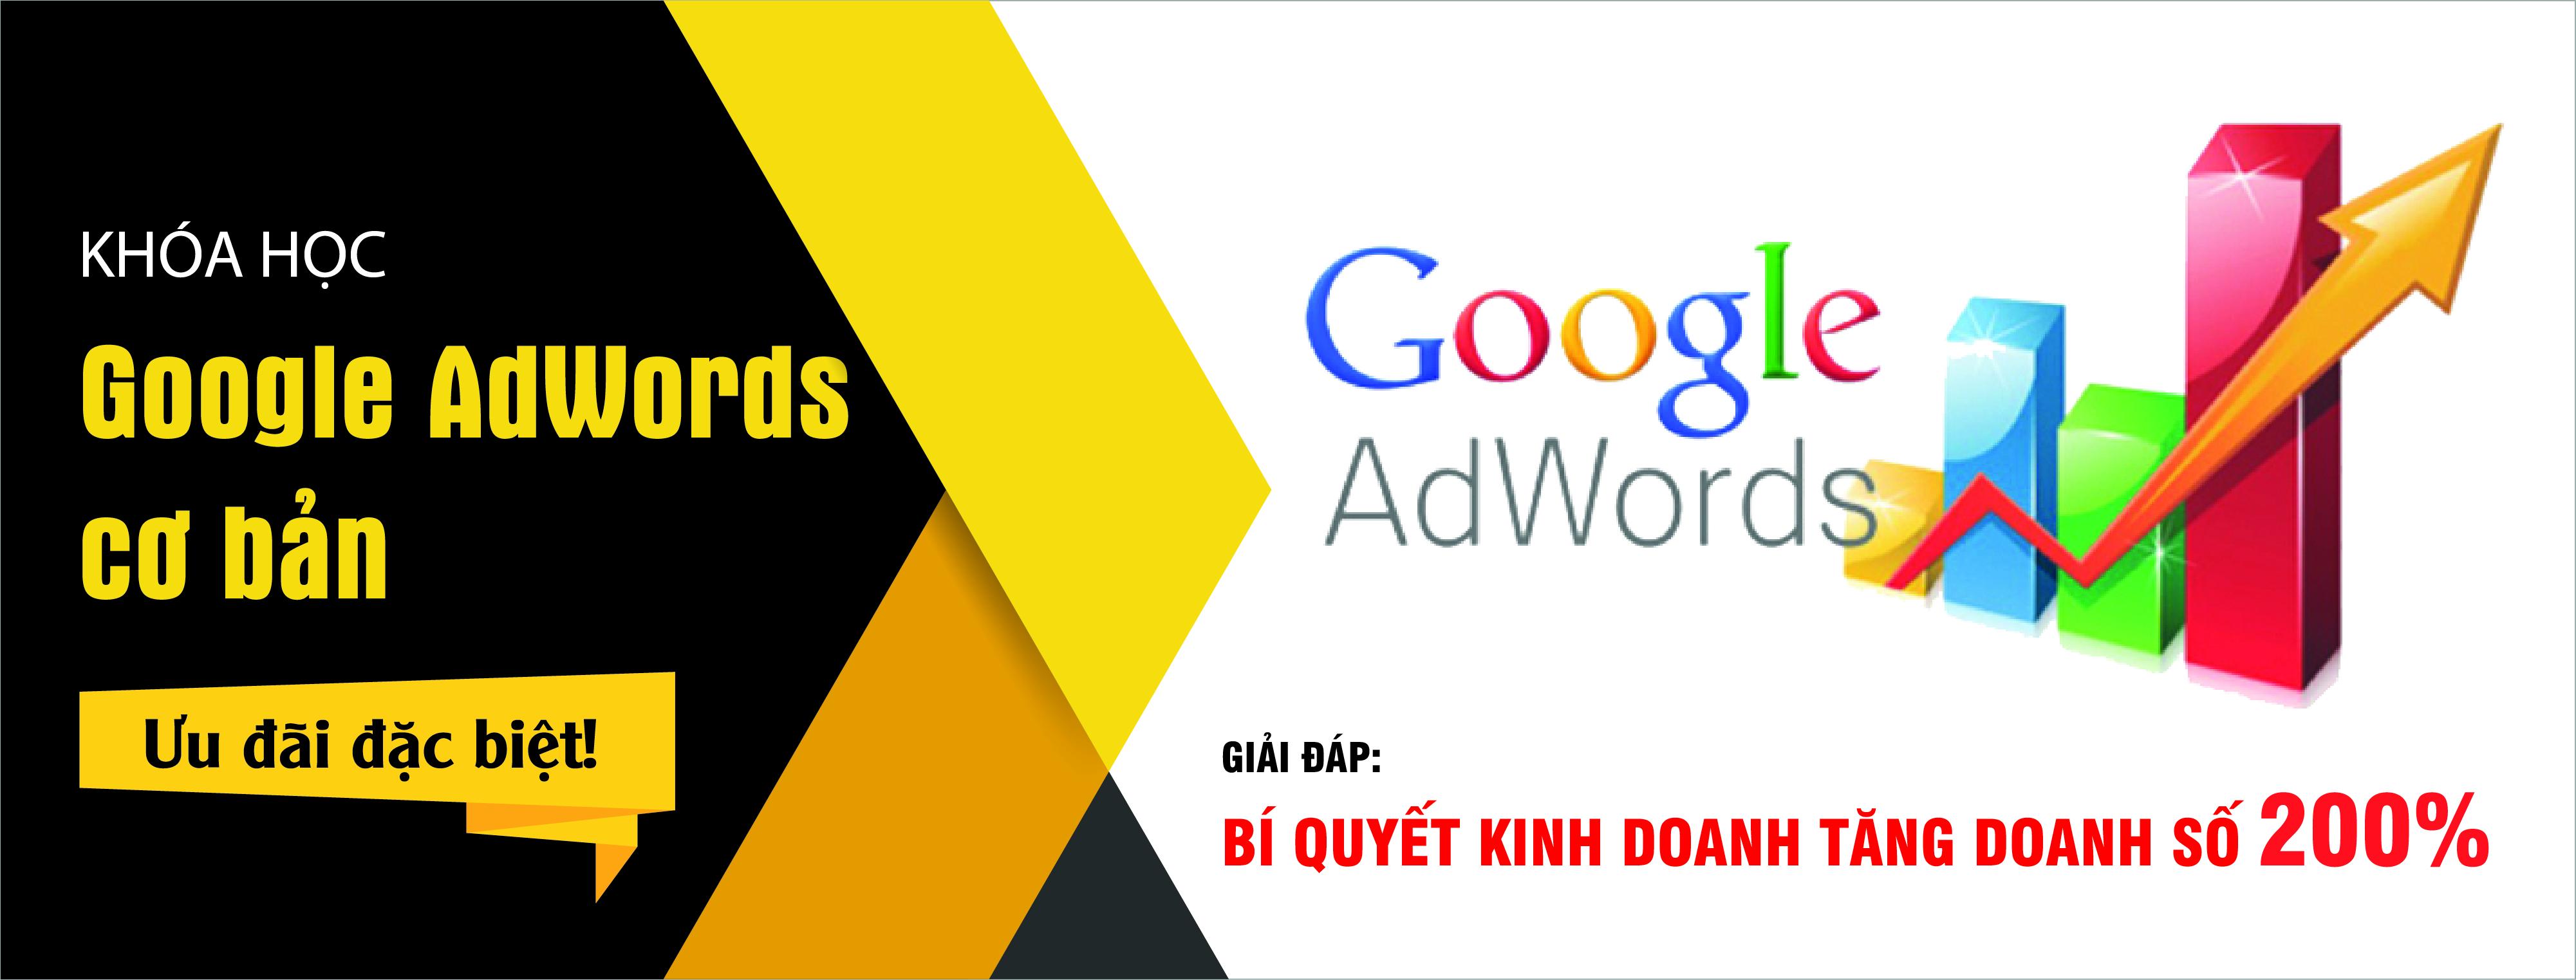 Khóa Học Quảng Cáo Google Adwords